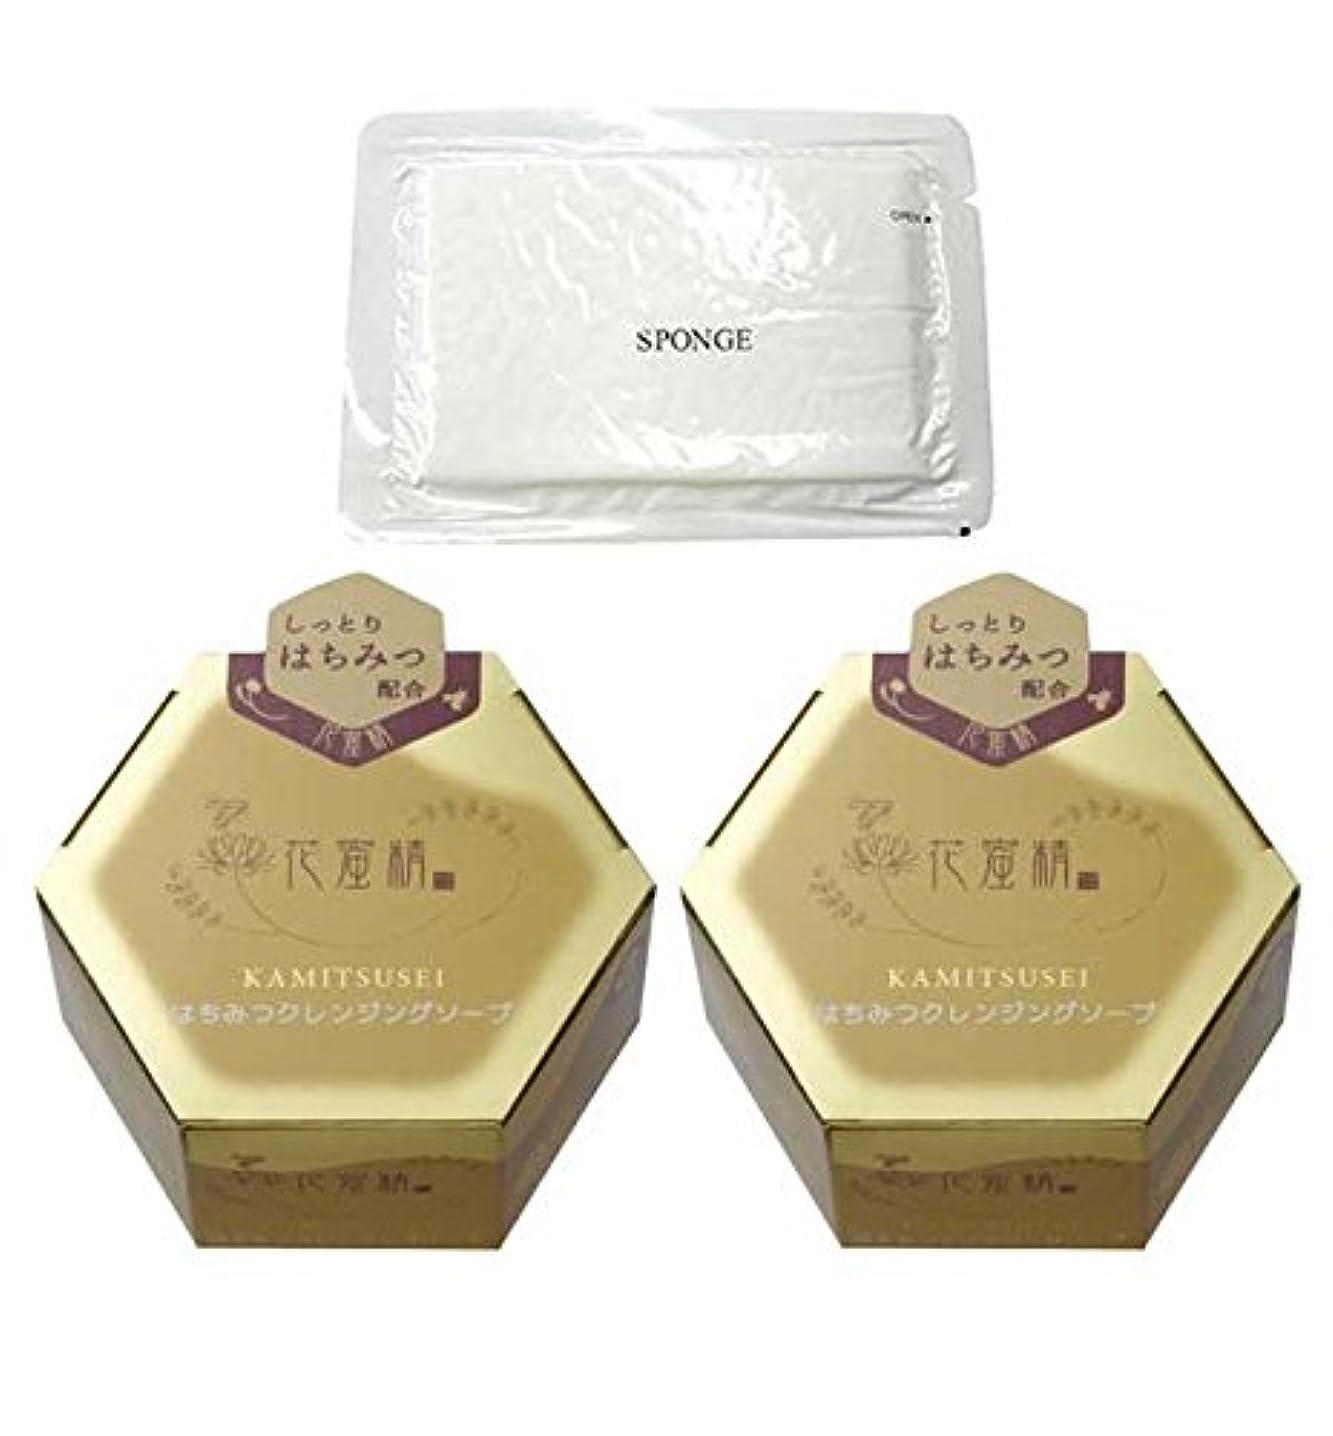 立方体同等のシマウマ花蜜精 はちみつクレンジングソープ 85g 2個 + 圧縮スポンジセット